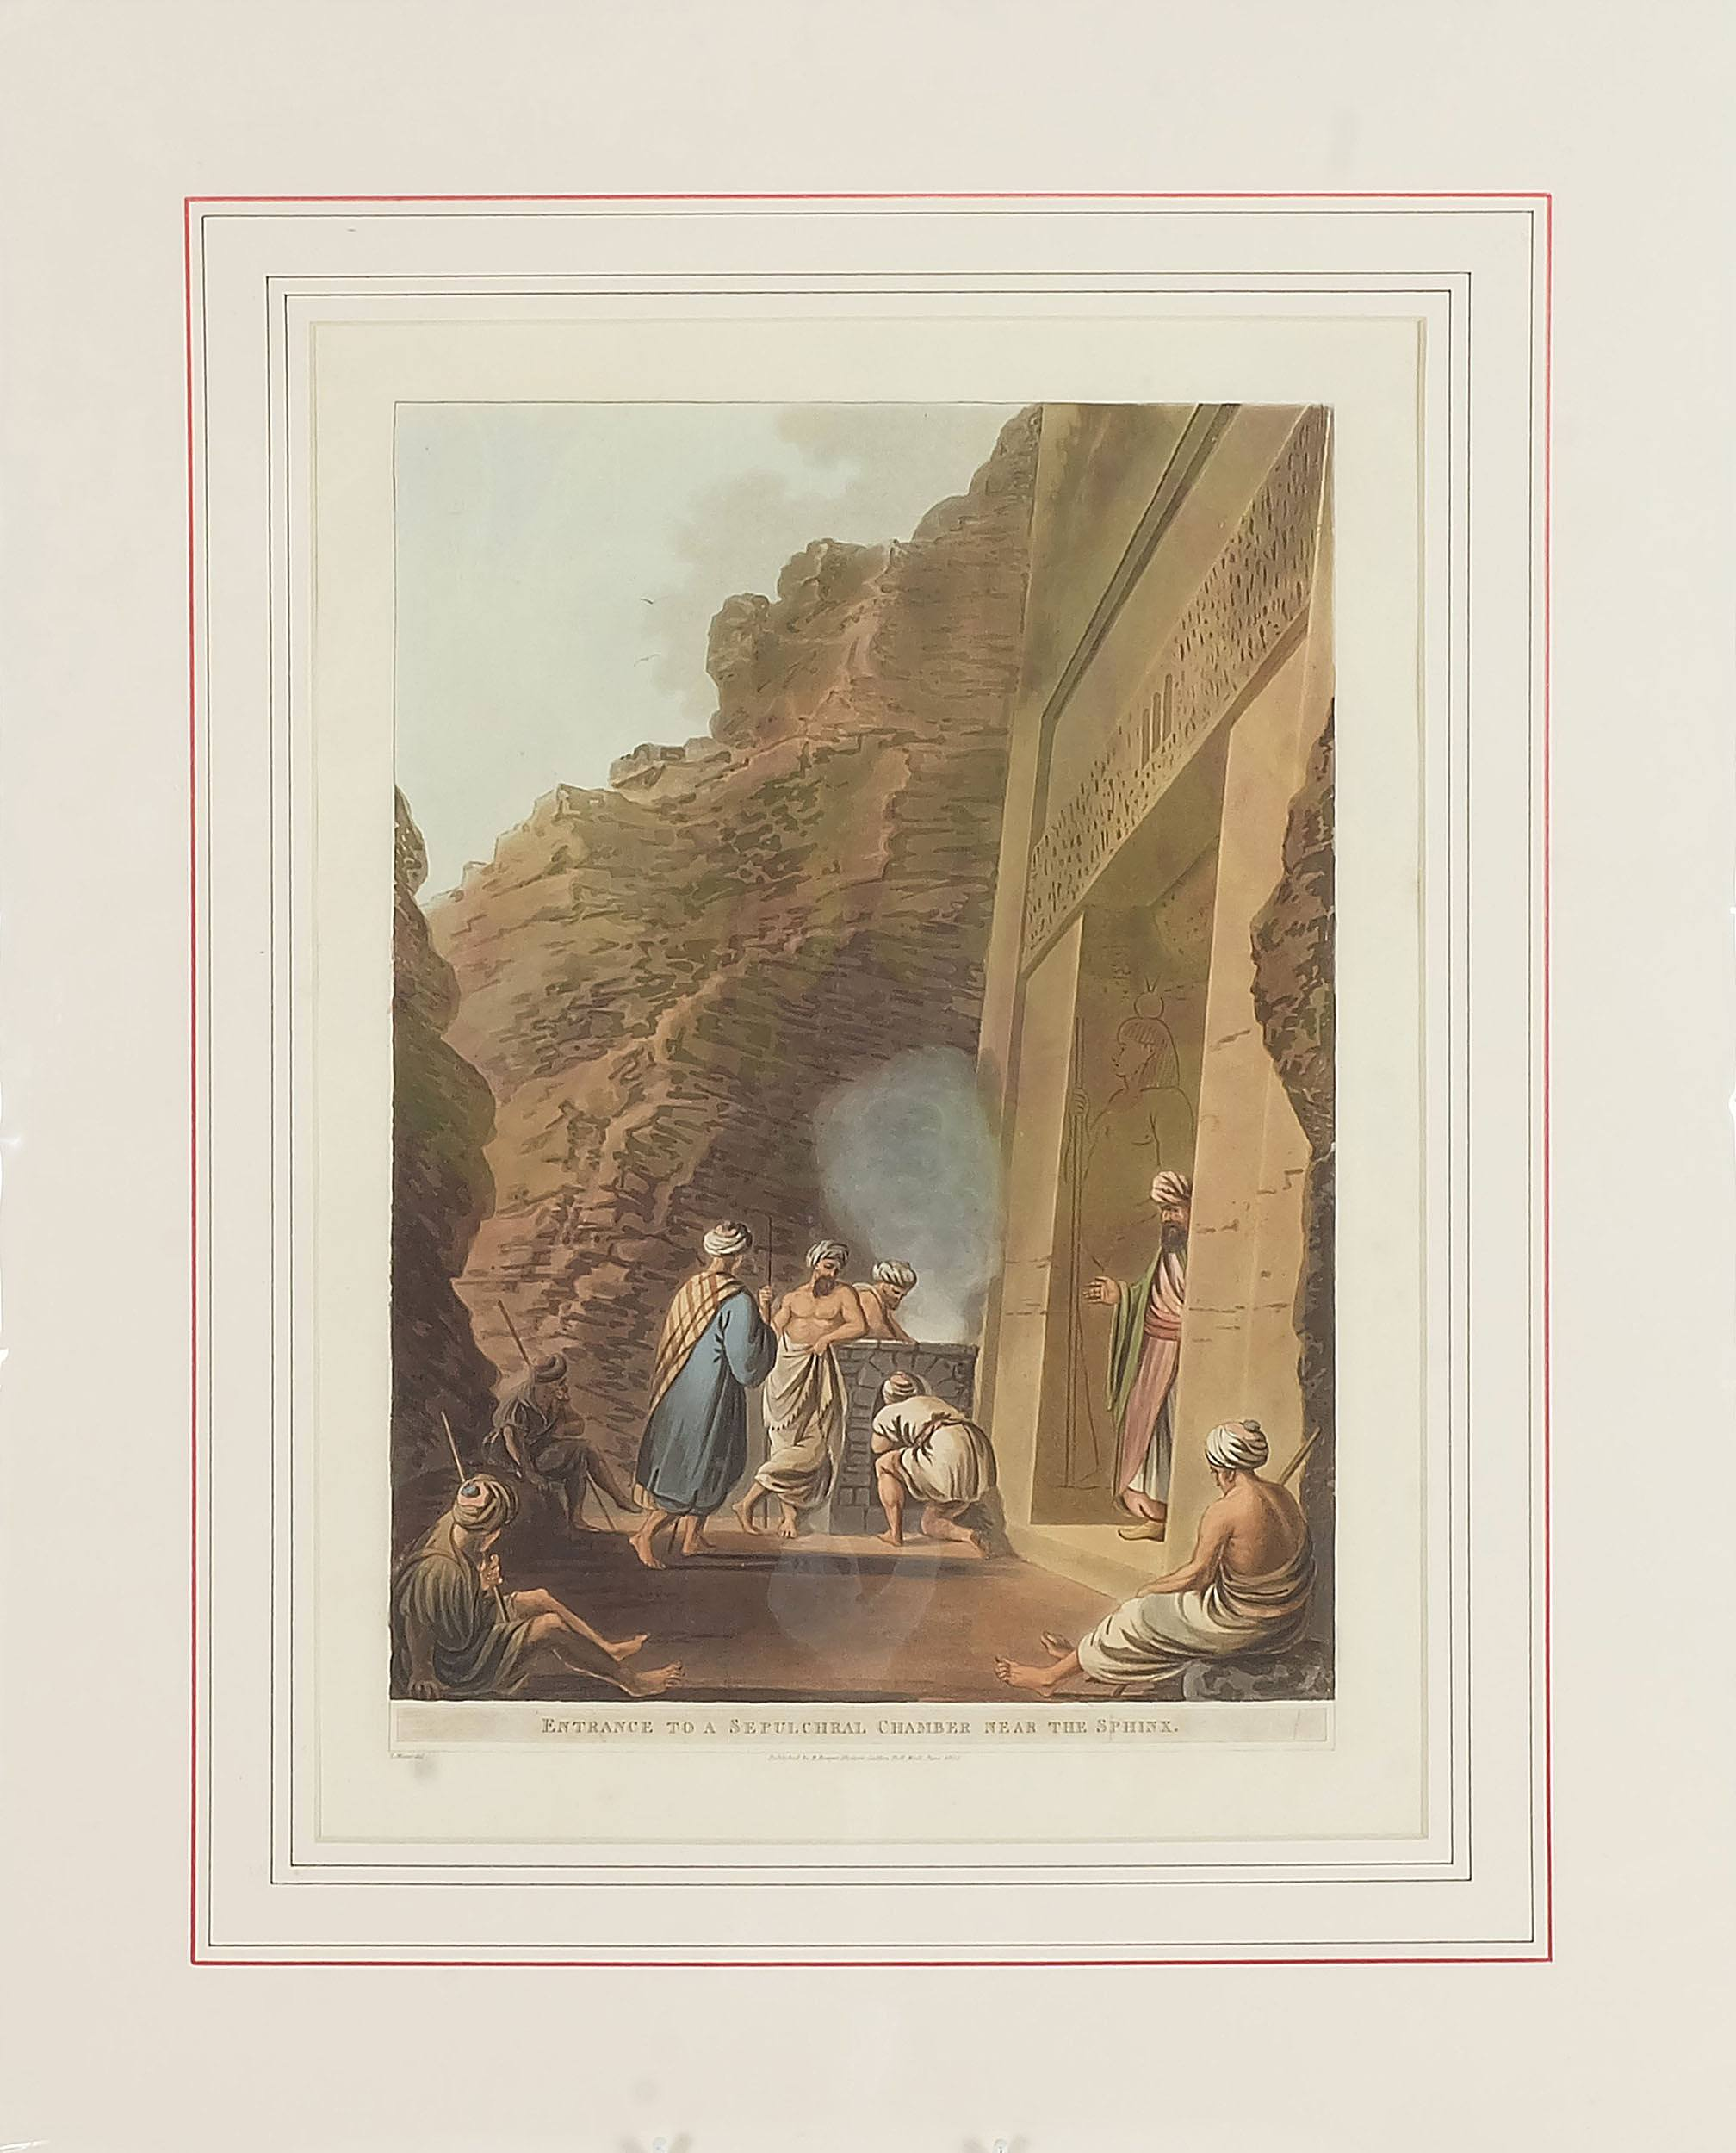 'Luigi Mayer (Italian 1755-1803) Entrance to a Sepulchral Chamber Near the Sphere, Colour Engraving, Circa 1802'